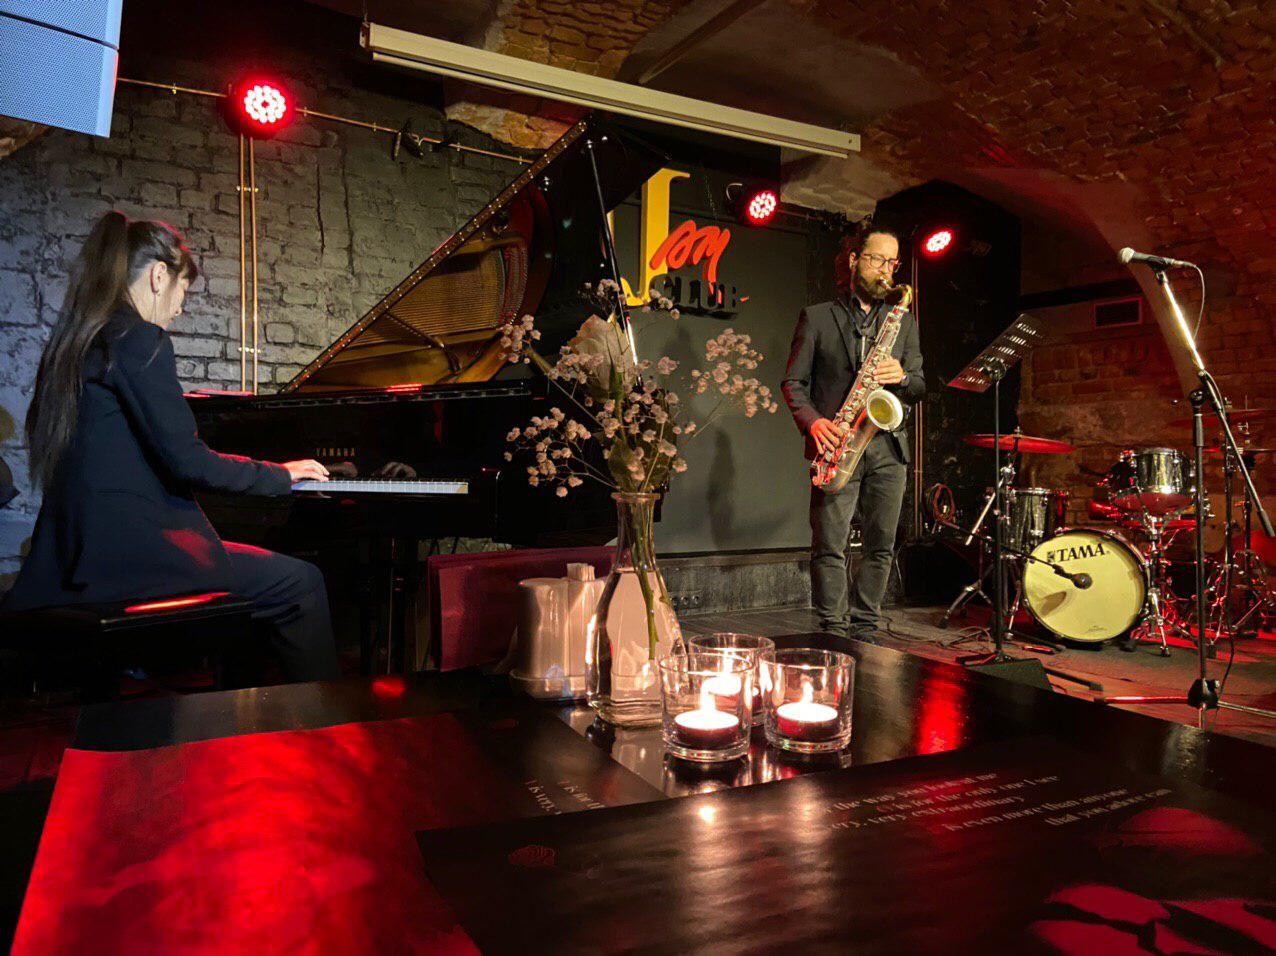 Джазовые концерты в JAM Club фото 2